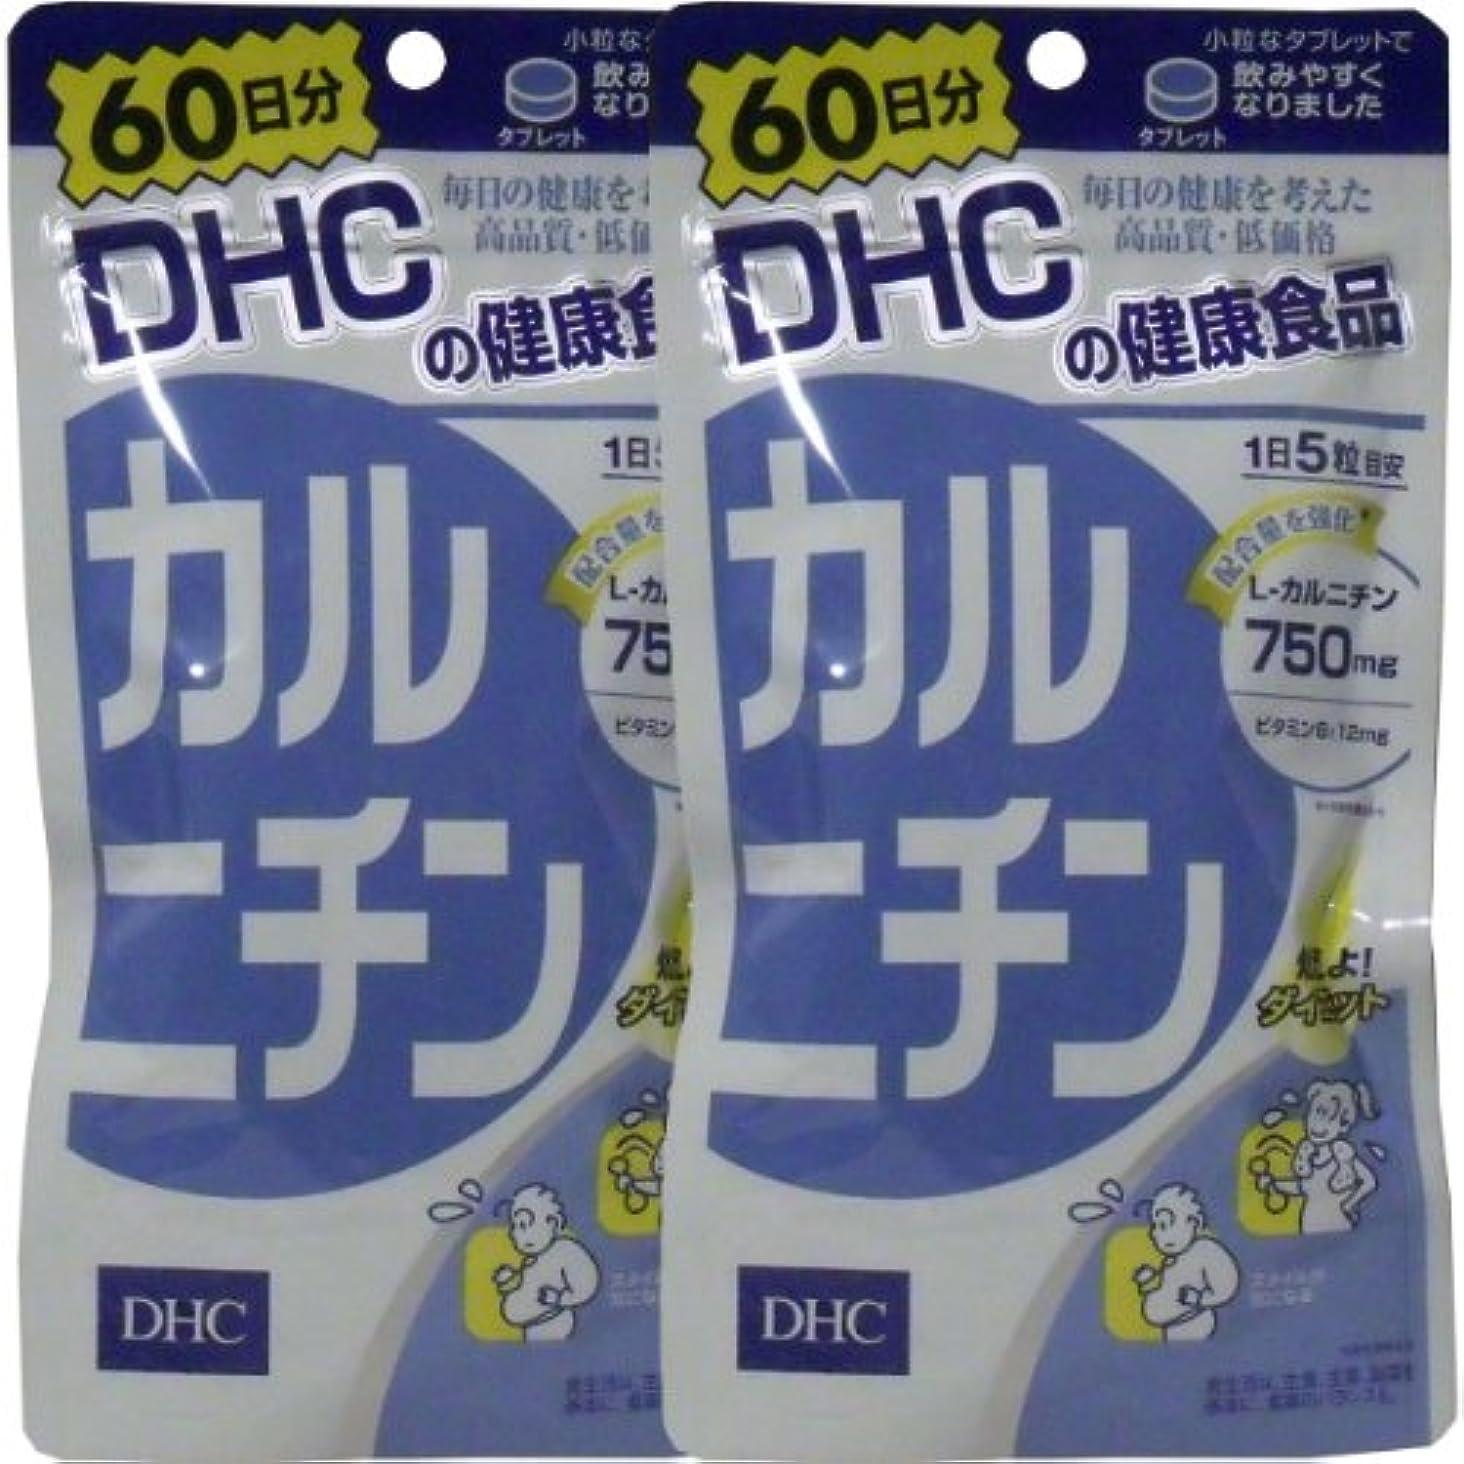 コンベンション現代芸術DHC カルニチン 300粒 60日分 ×2個セット